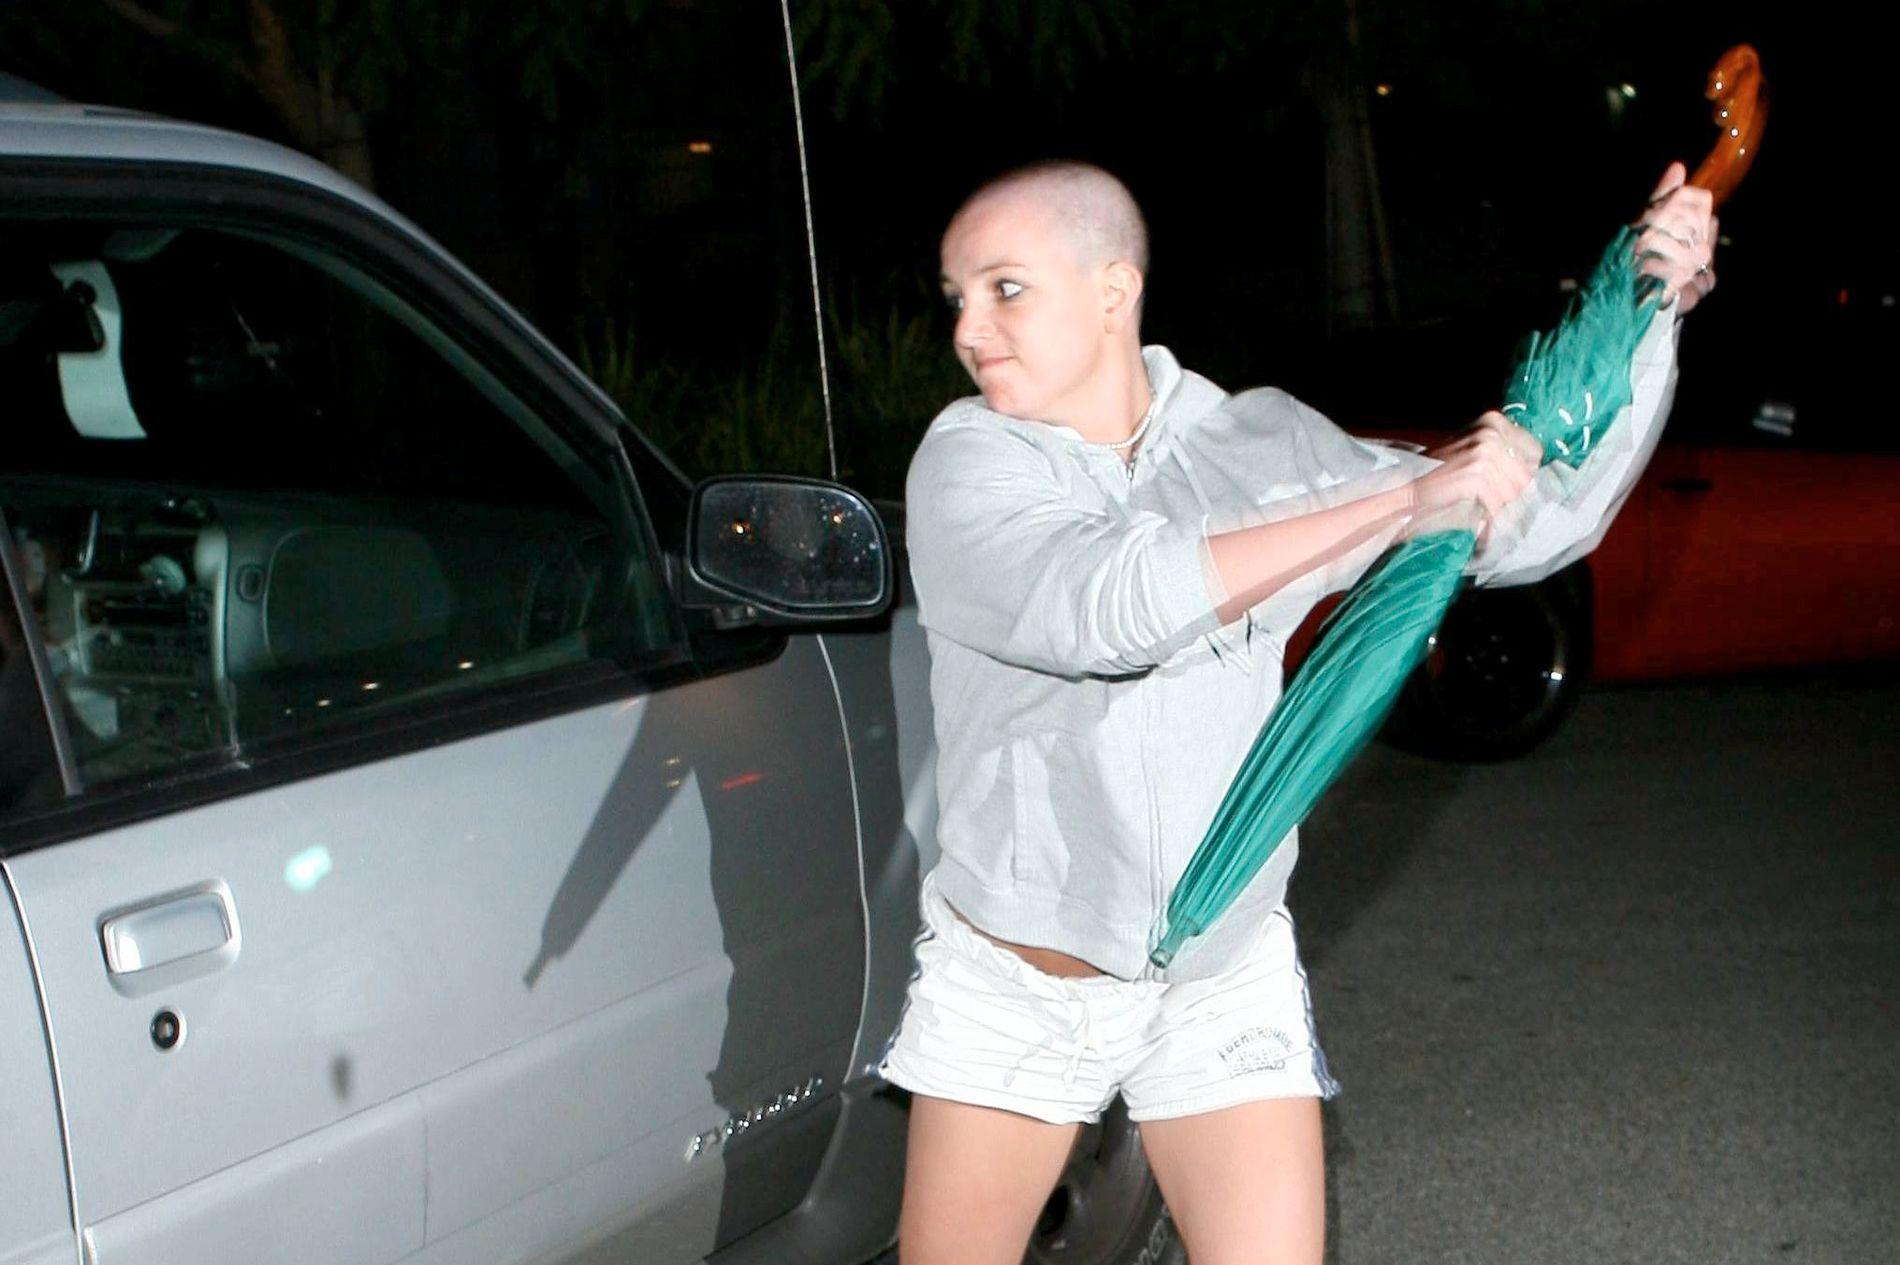 GIKK AMOK: Britney Spears gikk for ti år siden og angrep en fotograf og bilen hans med en paraply. Nå går paraplyen på auksjon.